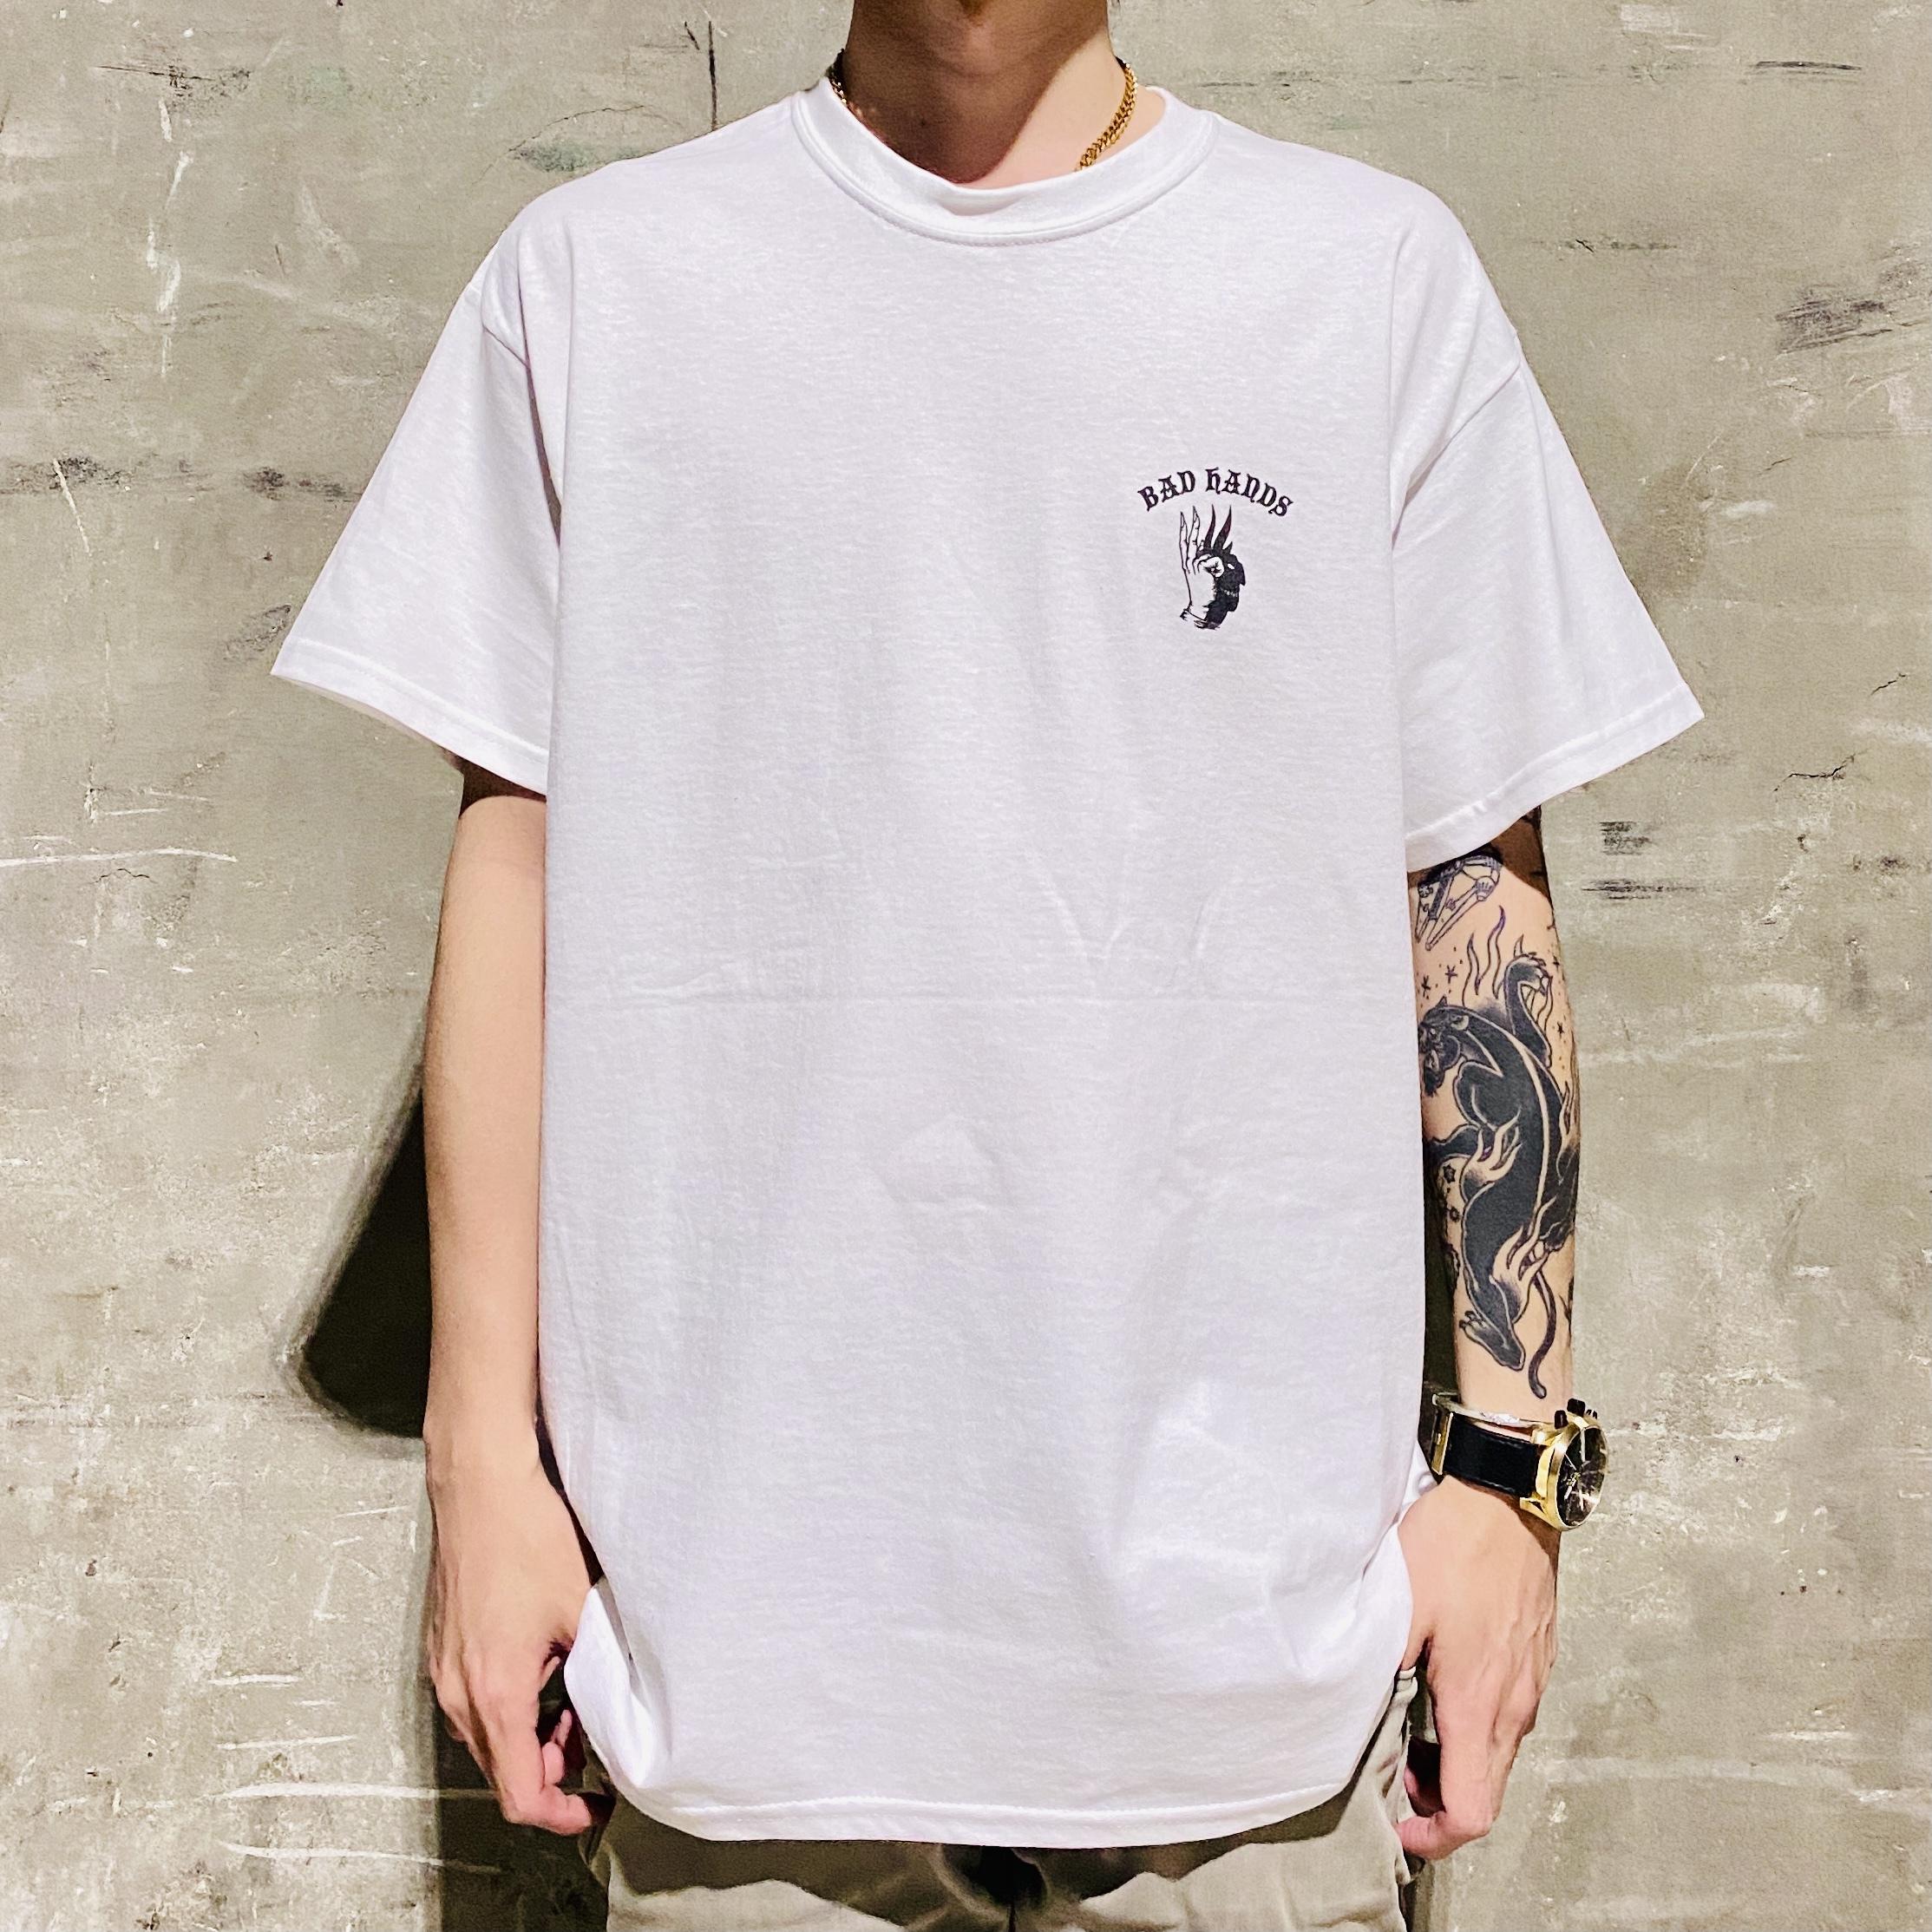 BAD HANDS Simple Logo T-Shirt (White)の写真